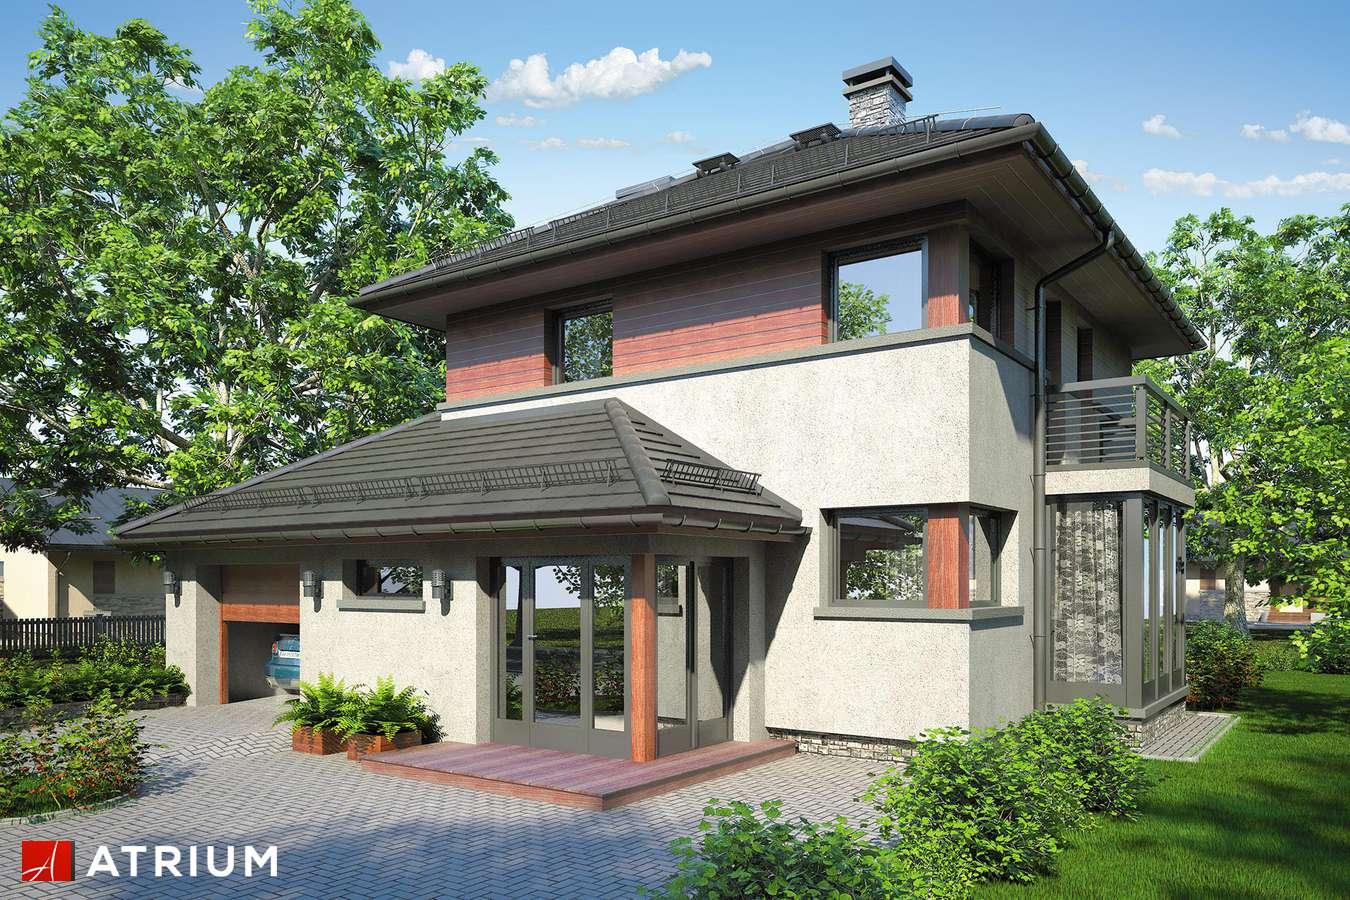 Projekty domów - Projekt domu piętrowego SIENA III - wizualizacja 1